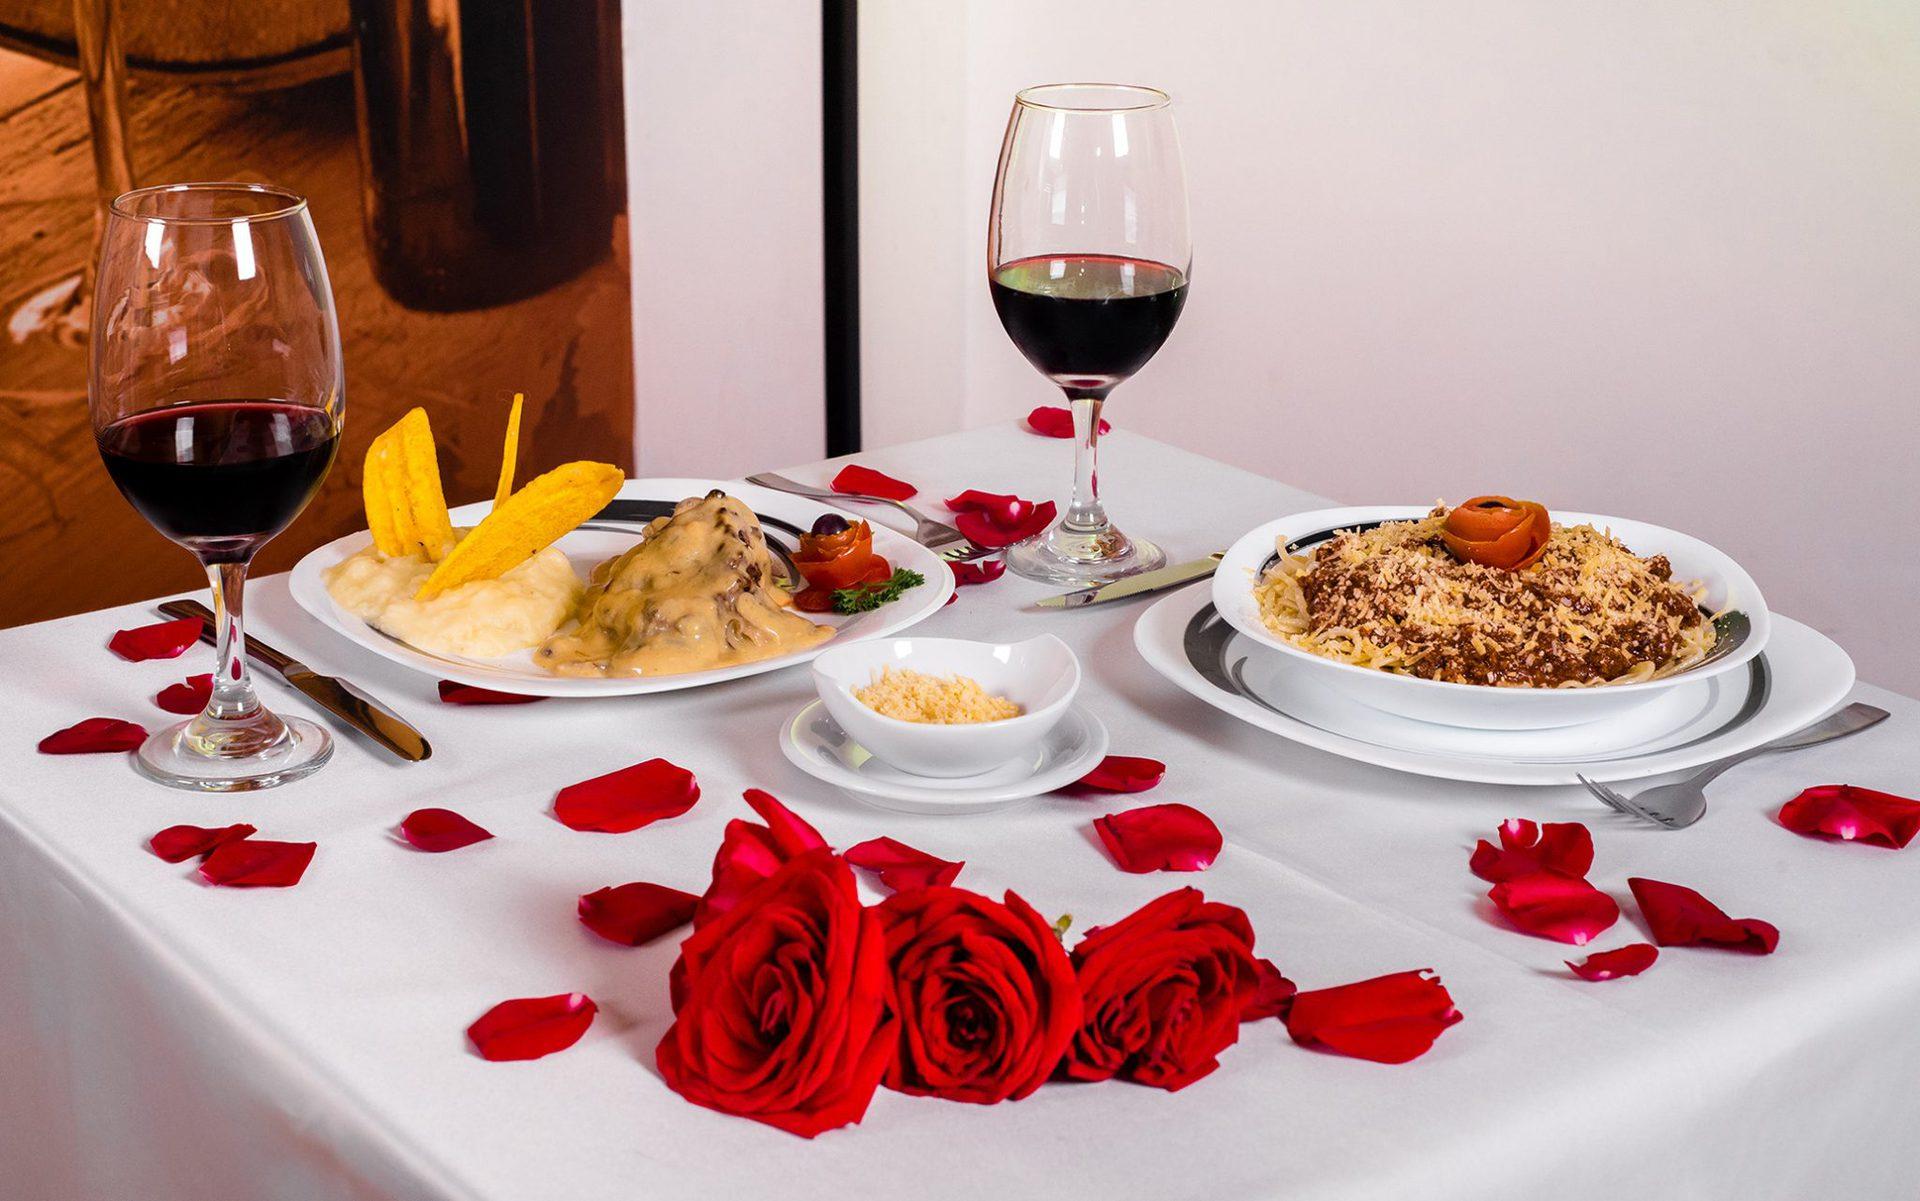 San Valentín: ¿Cómo celebrar y ahorrar?